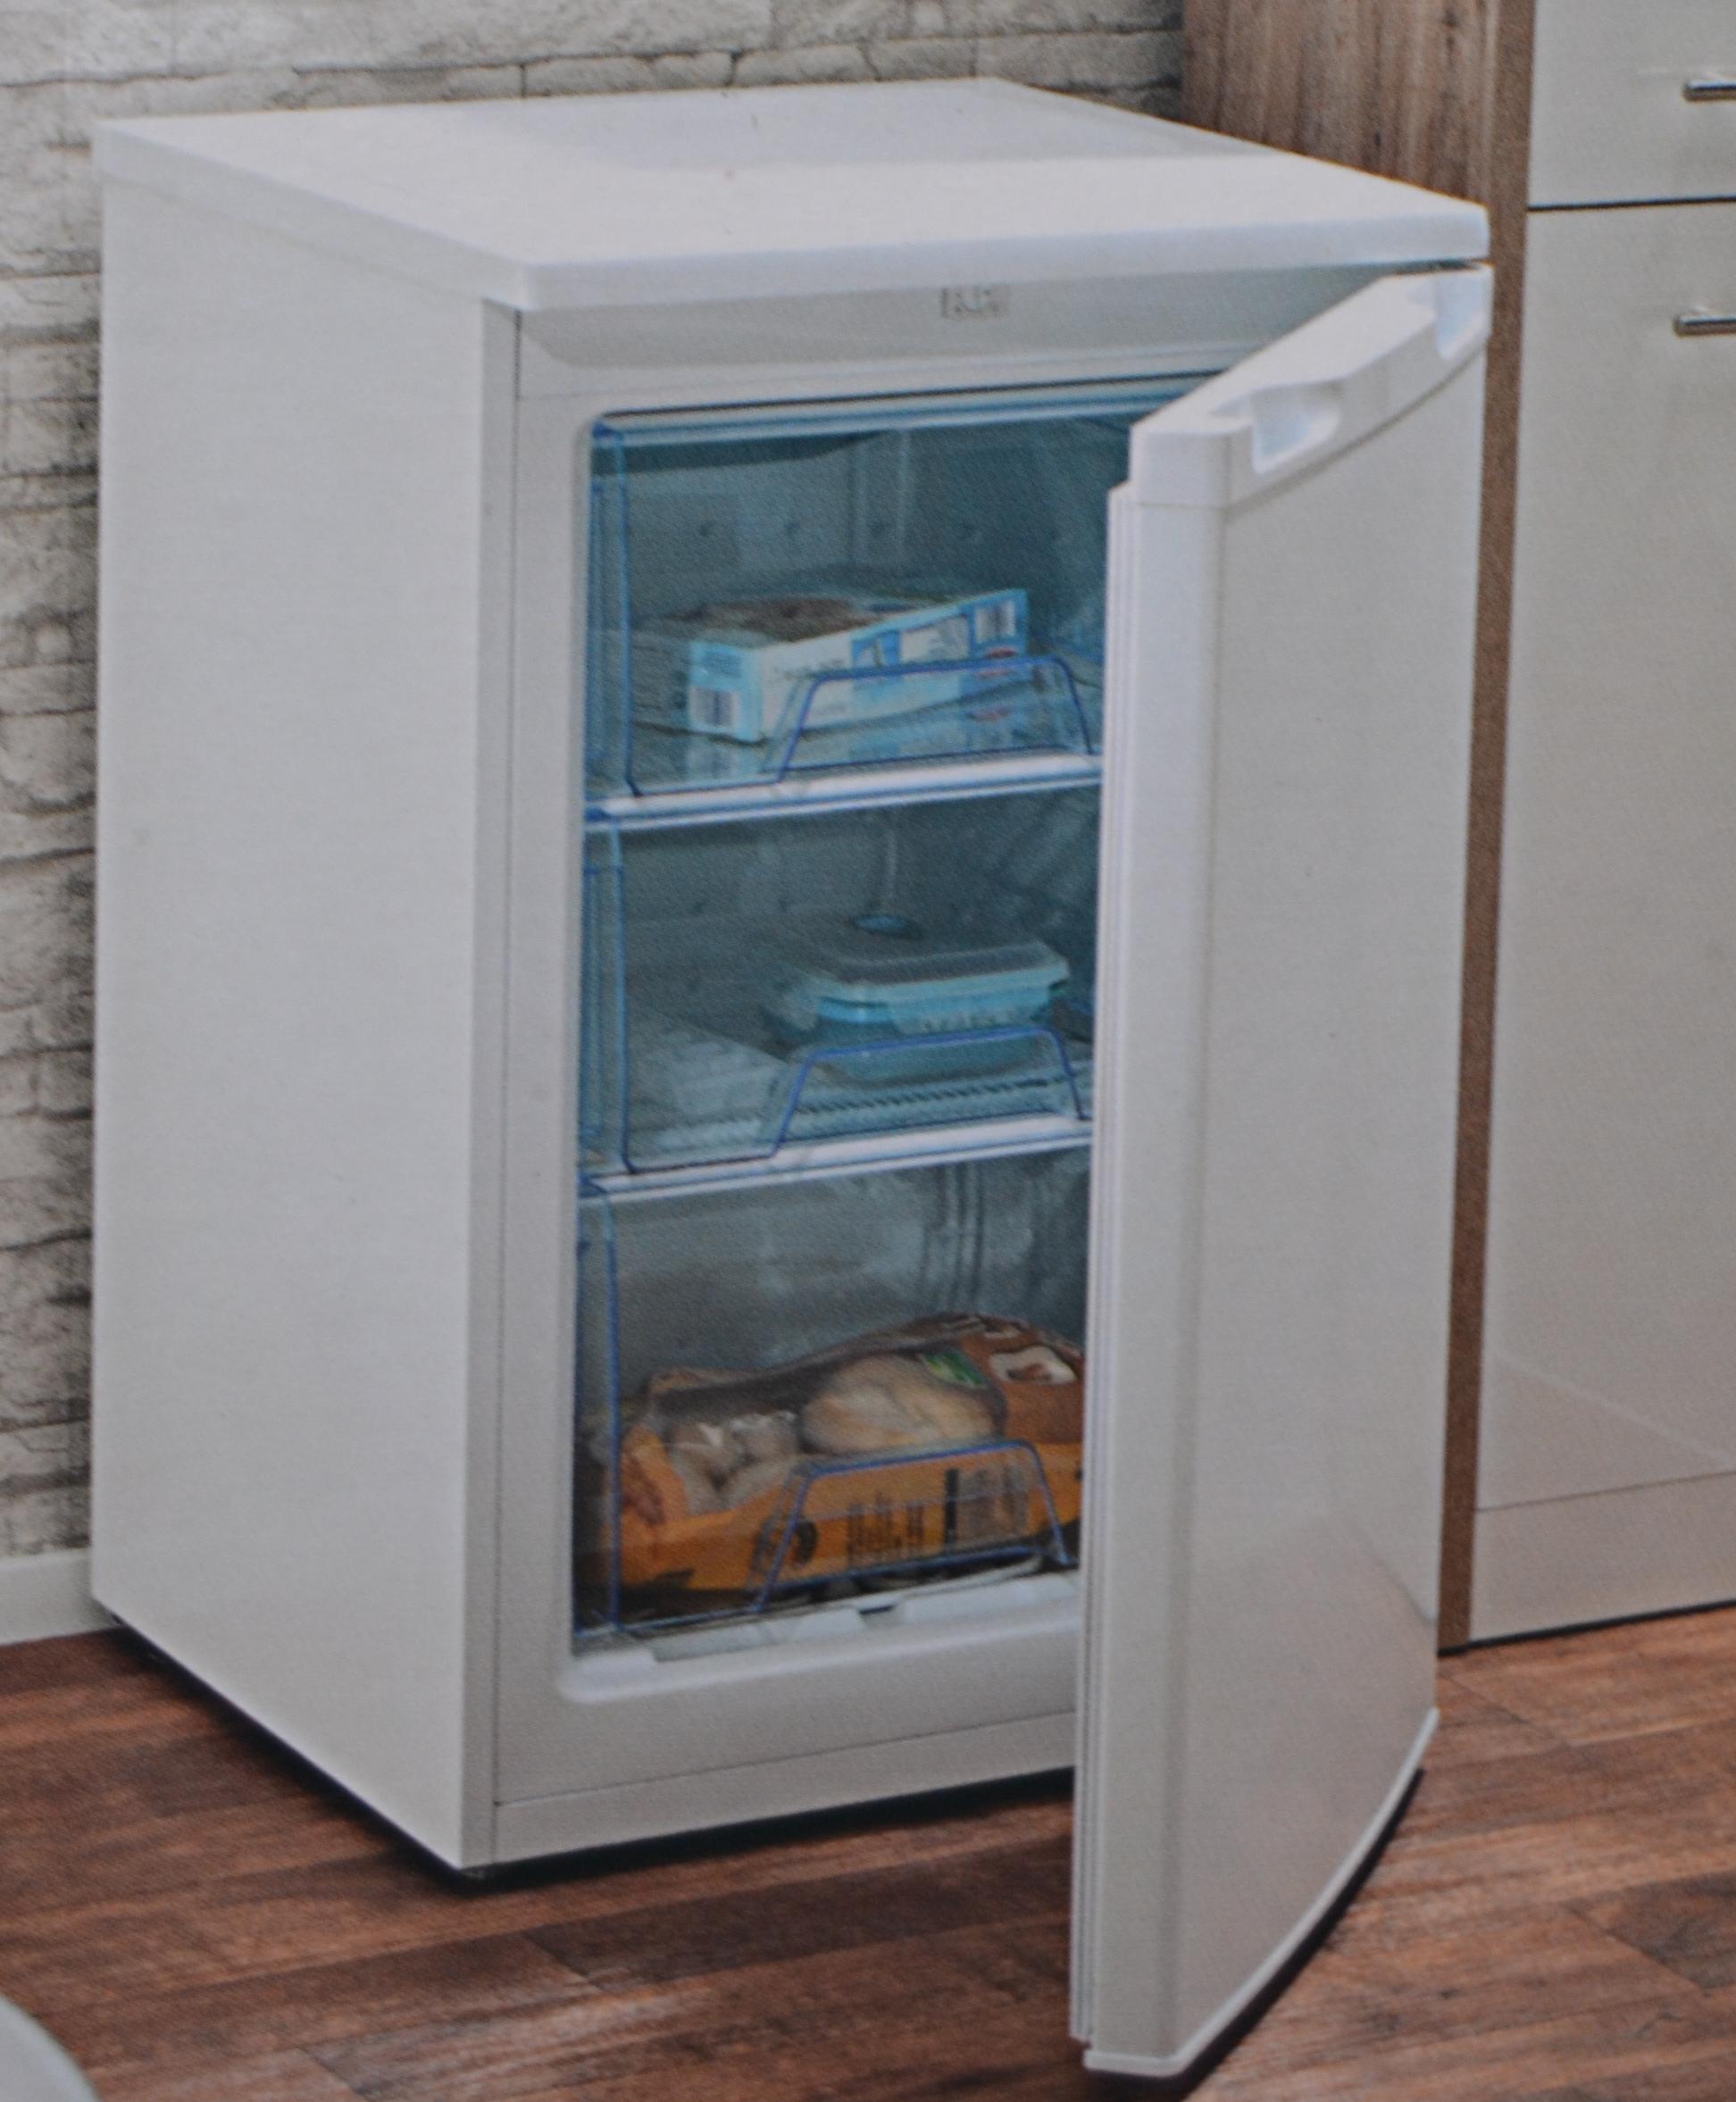 tiefk hlschrank gefrierschrank gefriertruhe 86 liter 85cm hoch eek a wei ebay. Black Bedroom Furniture Sets. Home Design Ideas